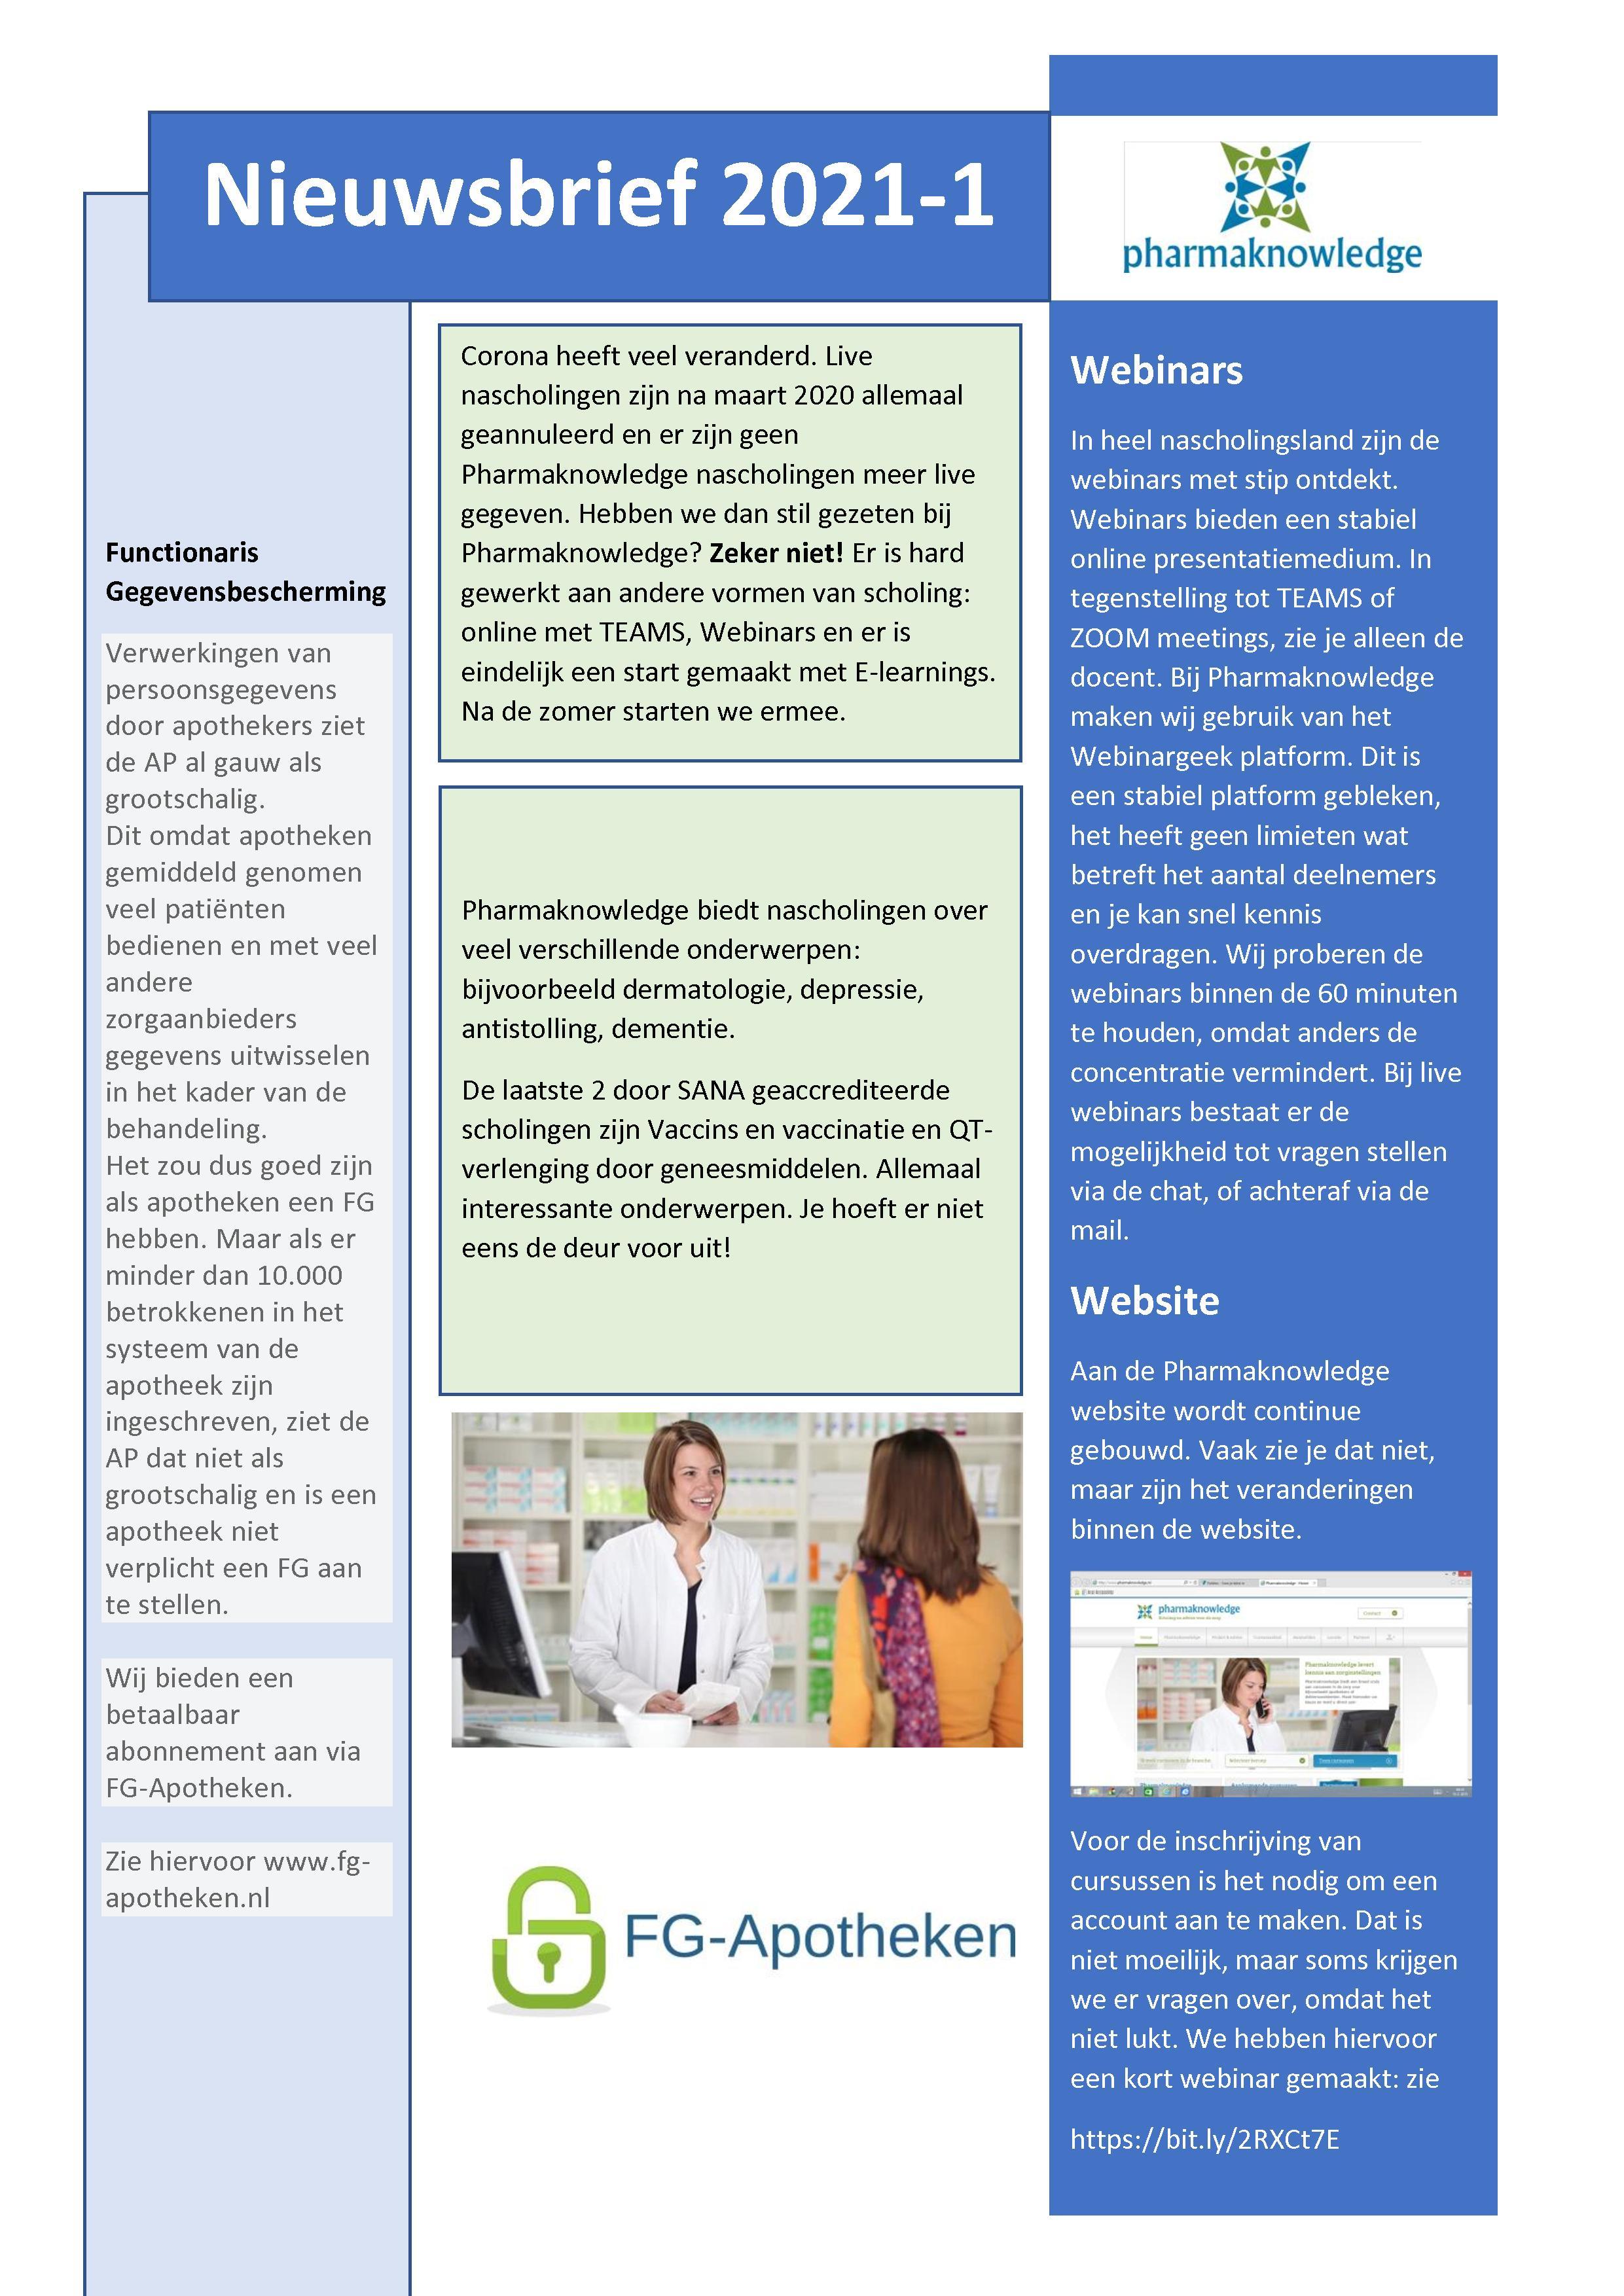 Lees de Pharmaknowledge nieuwsbrief